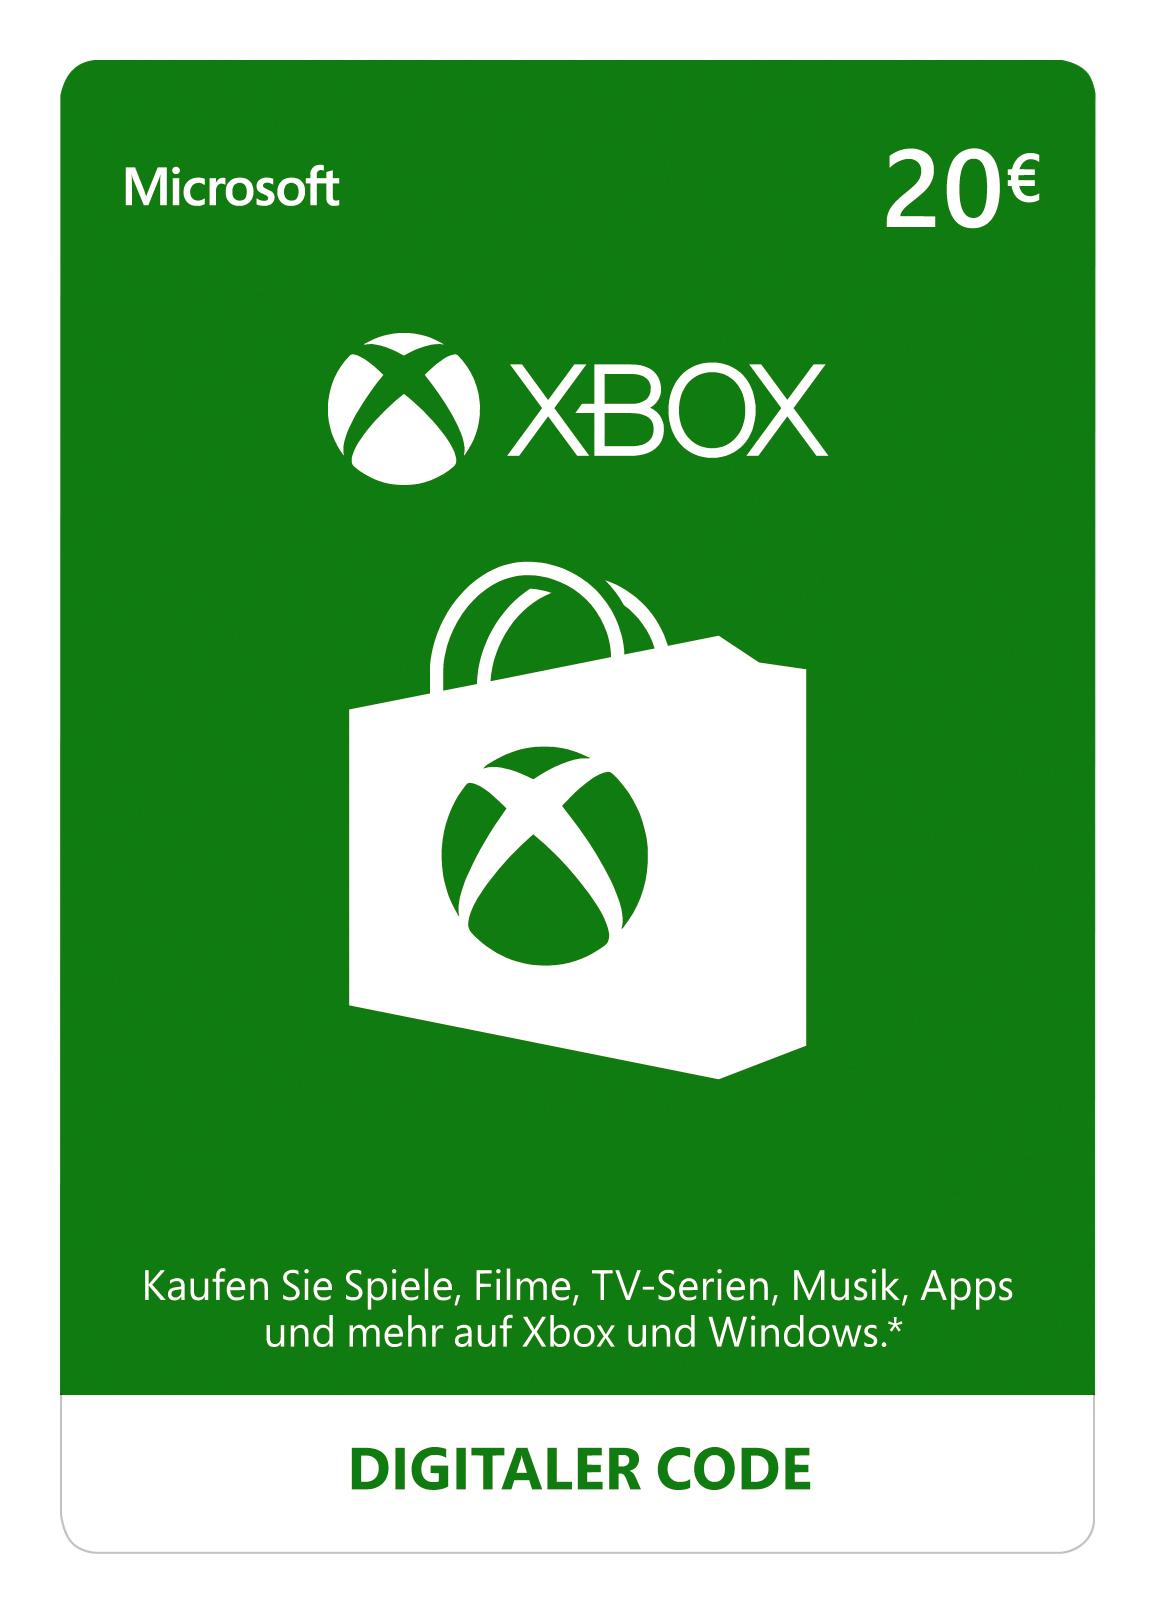 Xbox Live - 20 EUR Guthaben [Xbox Live Online Code] [PC Code - Kein DRM]